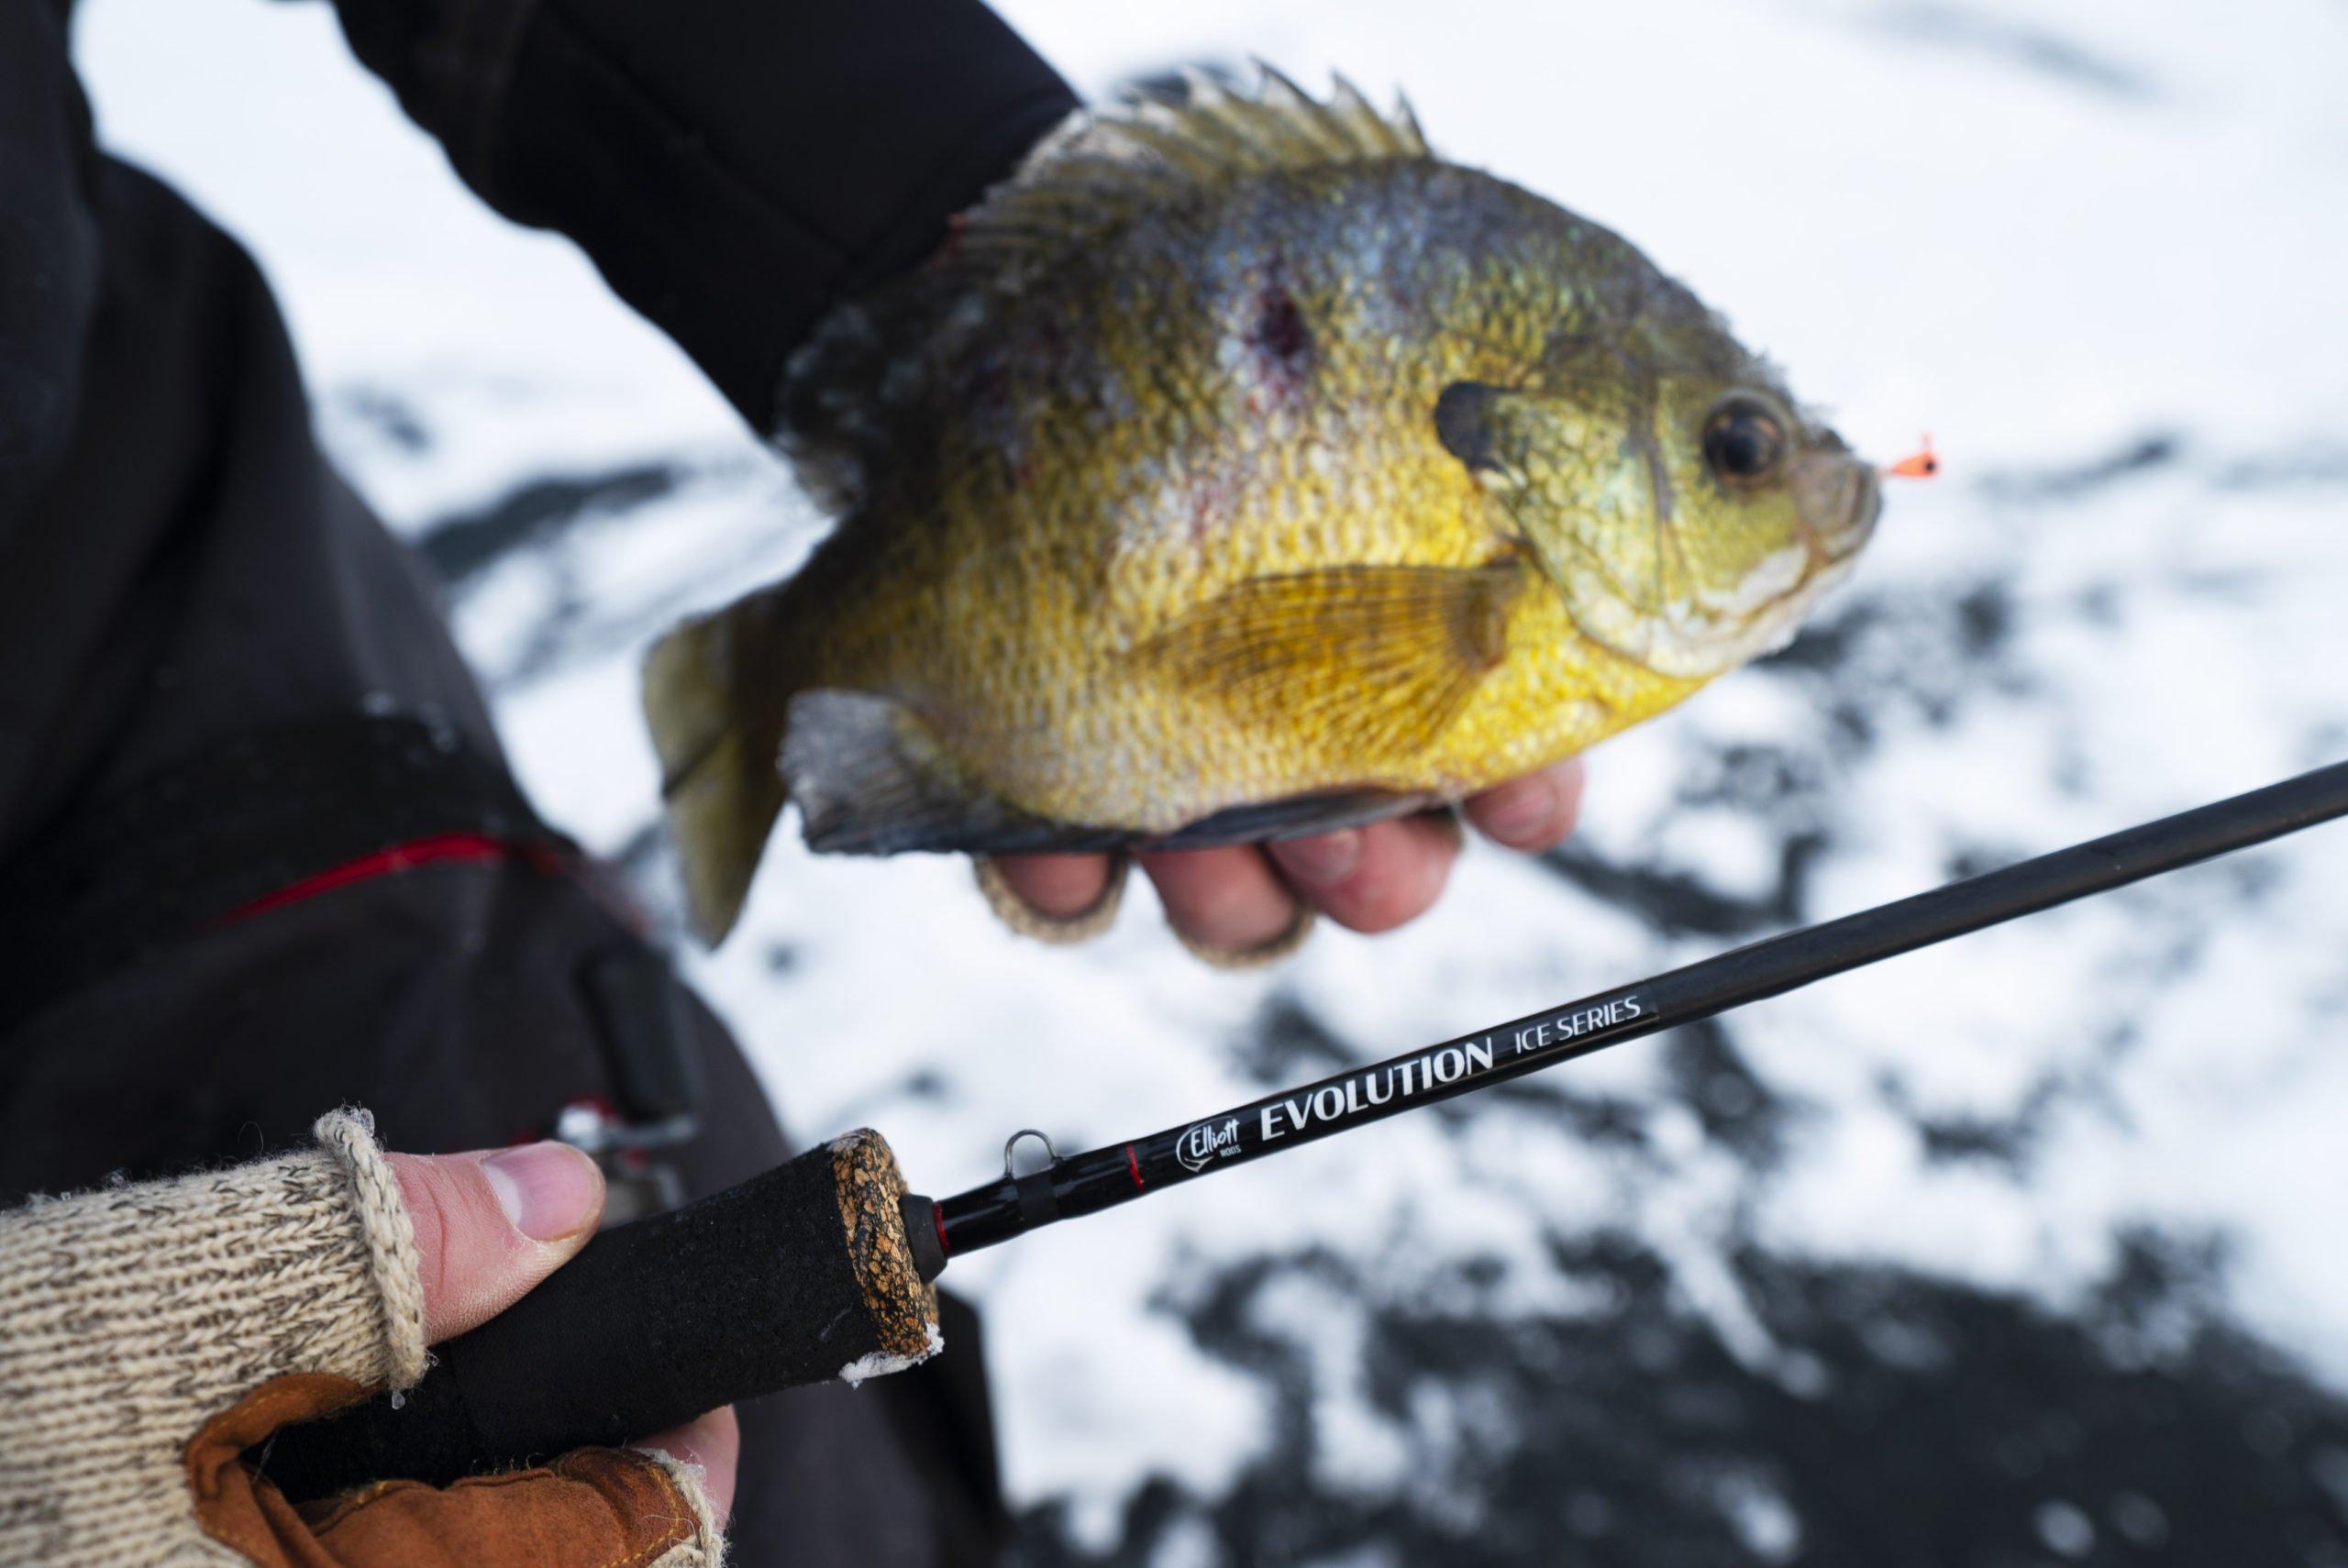 elliott evolution ice series fishing rod and bluegill